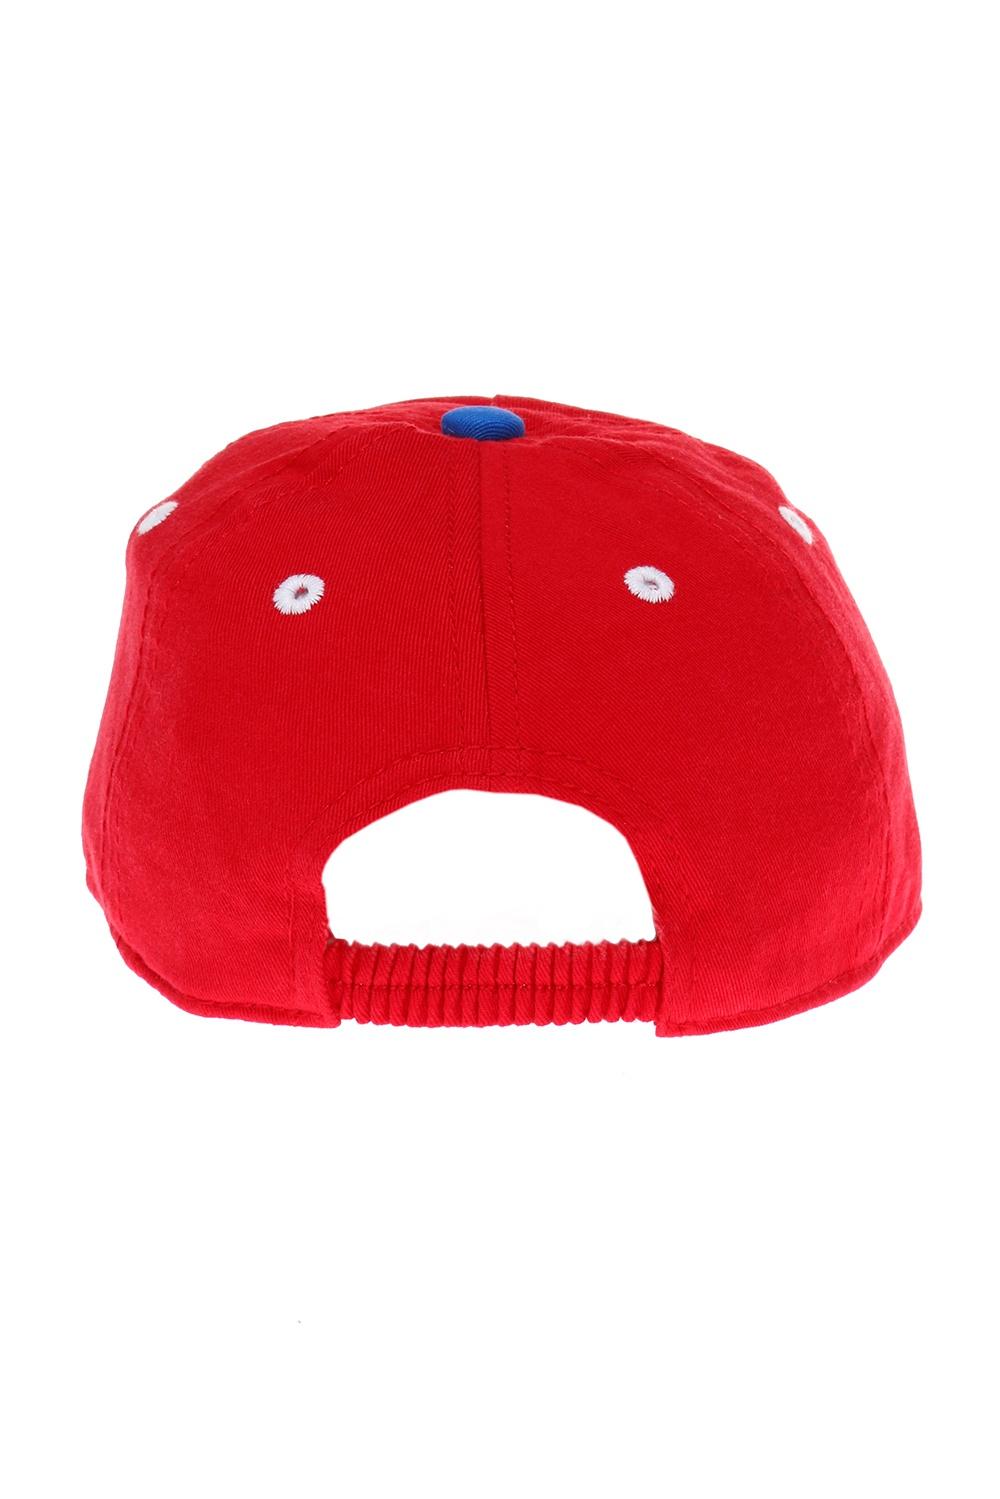 Diesel Kids Printed baseball cap